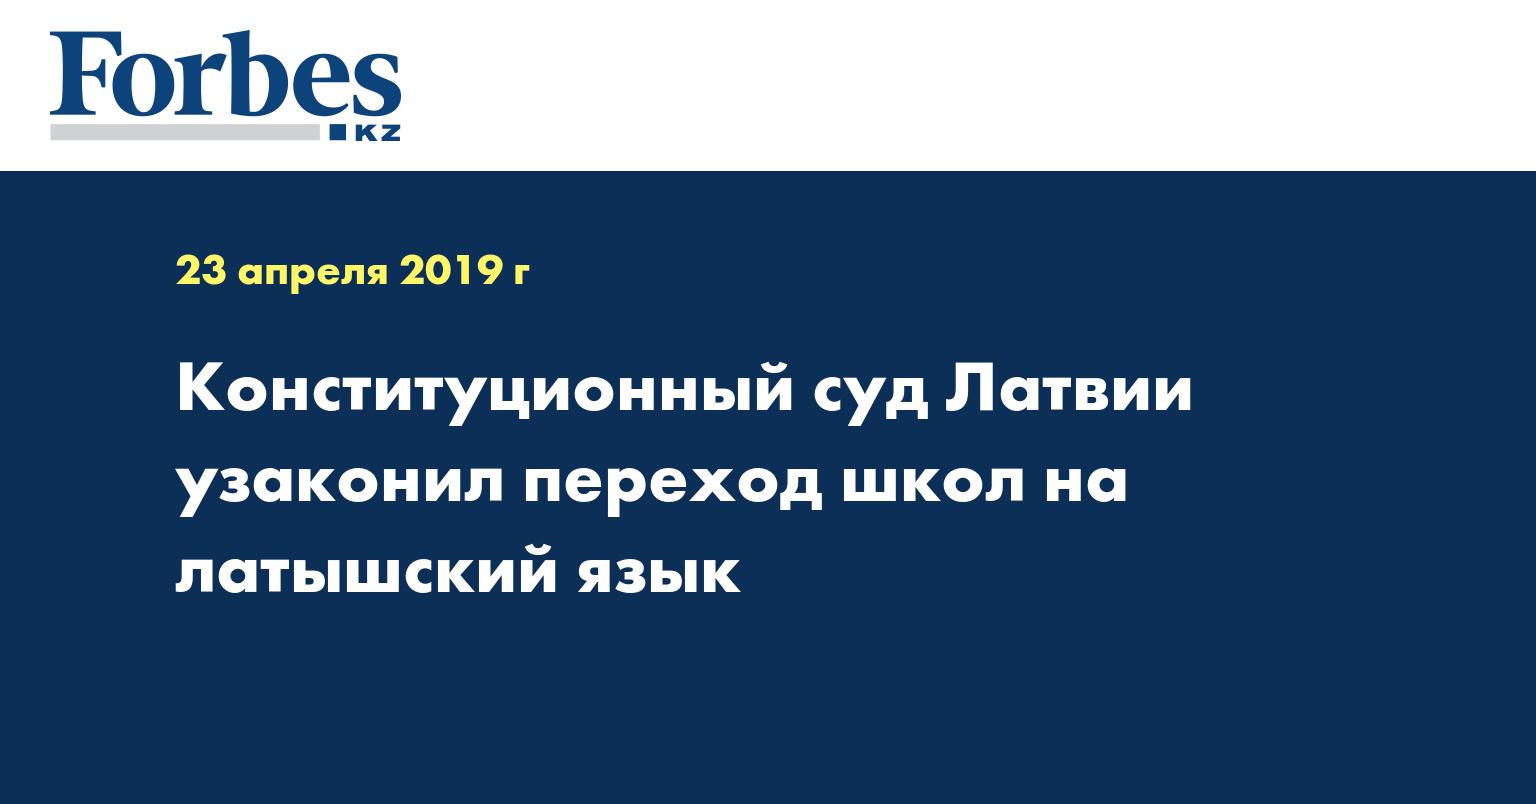 Конституционный суд Латвии узаконил переход школ на латышский язык